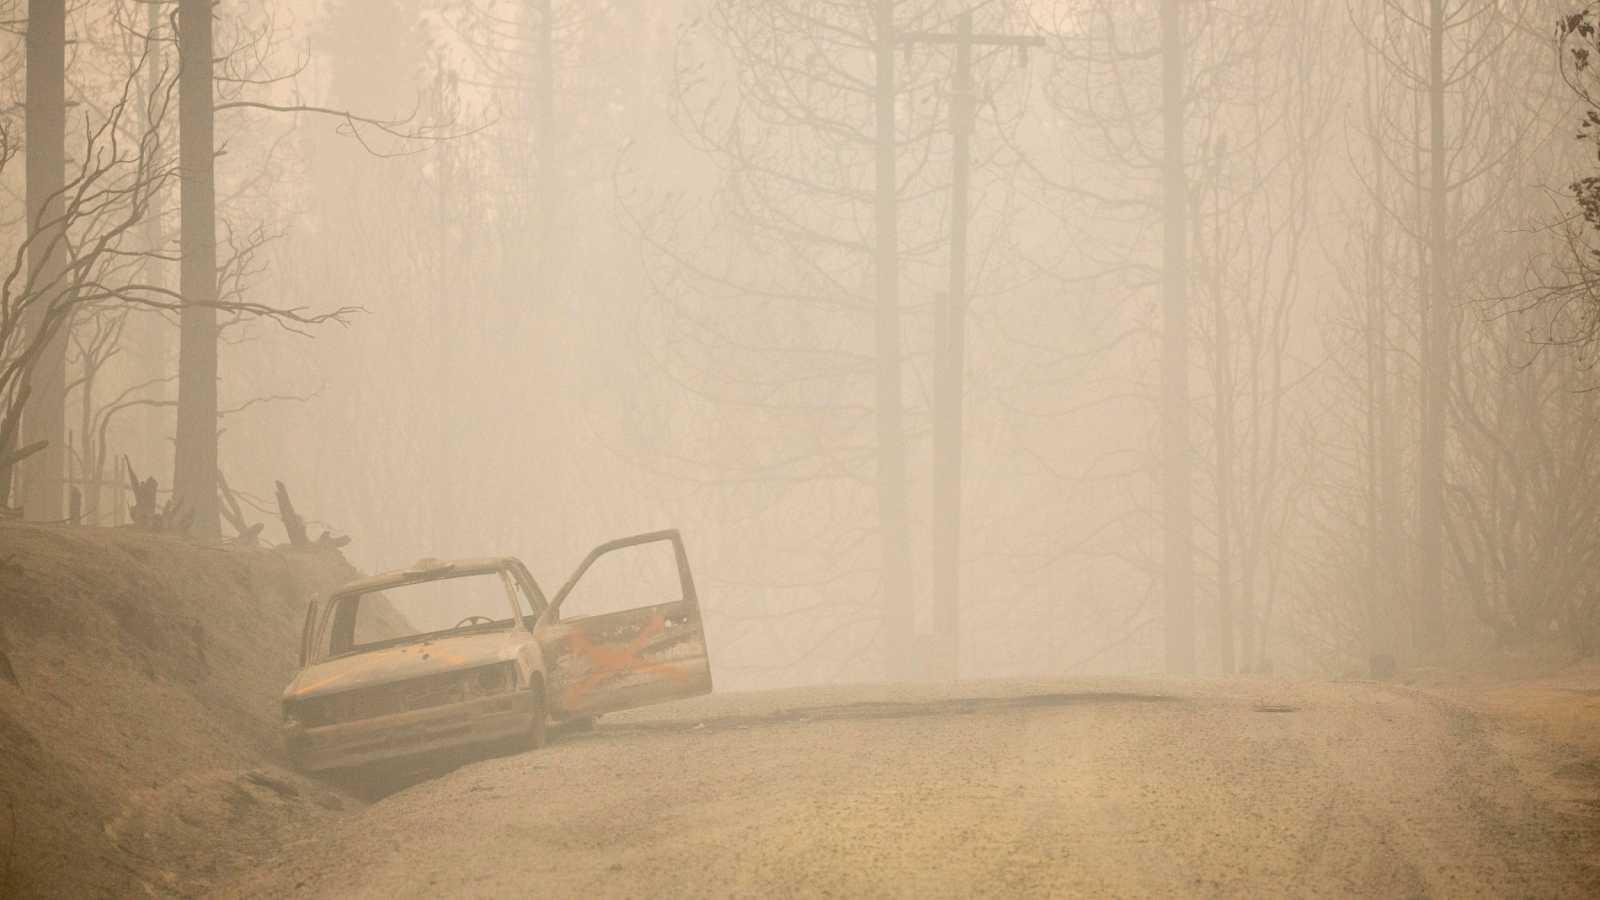 El fuego se ceba en California con cerca de un millón de hectáreas calcinadas